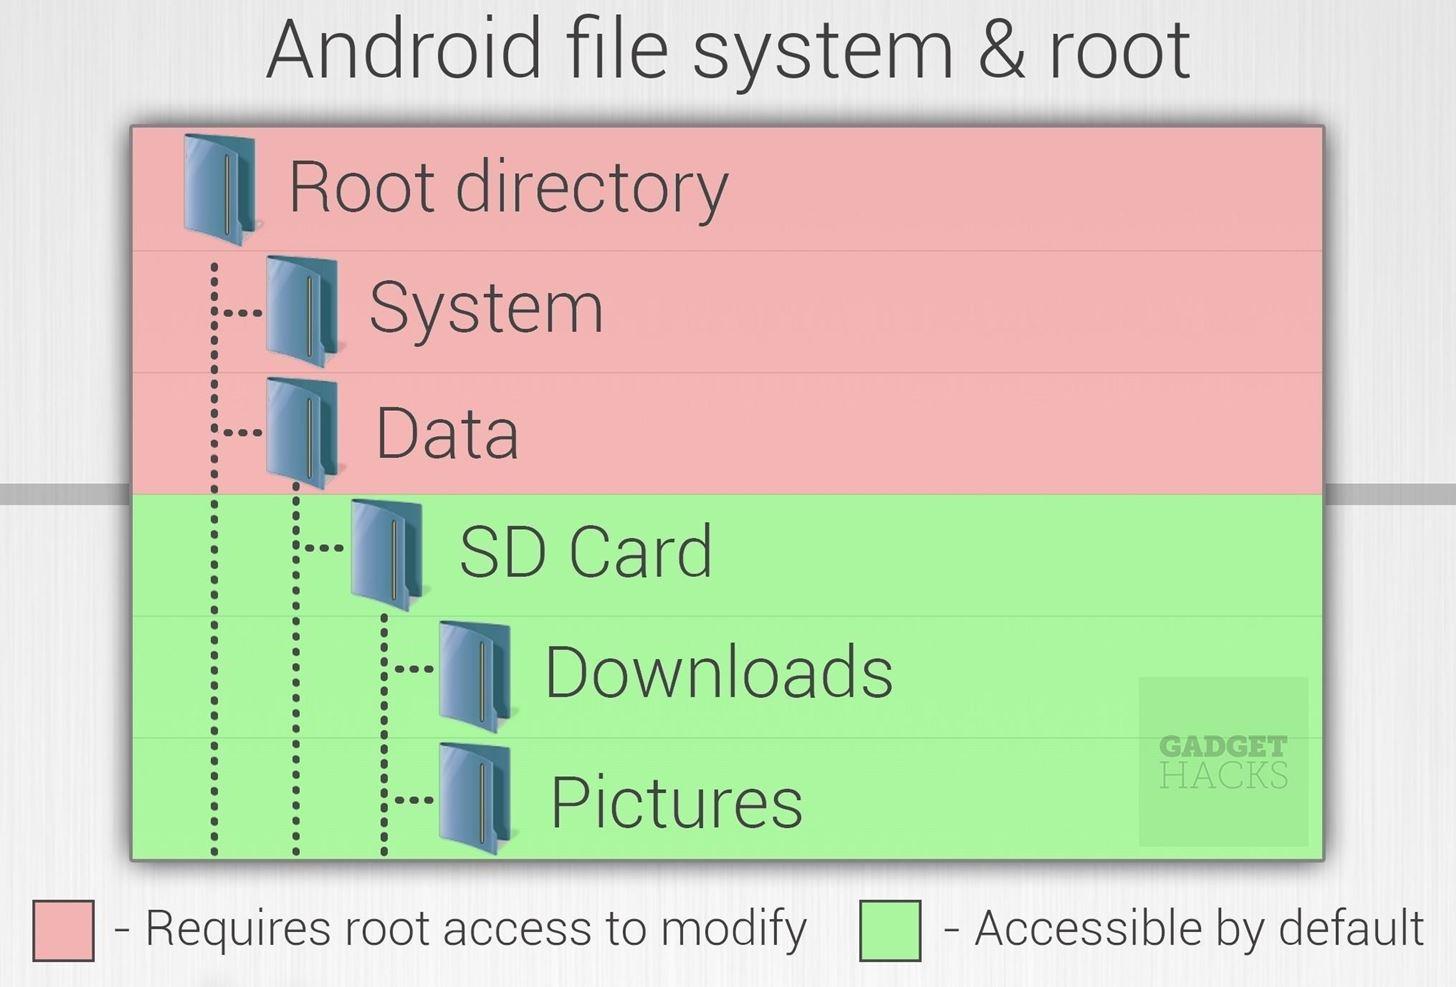 وأوضح SafetyNet: لماذا يظهر SafetyNet أن Google تهتم فعليًا بجذر Android